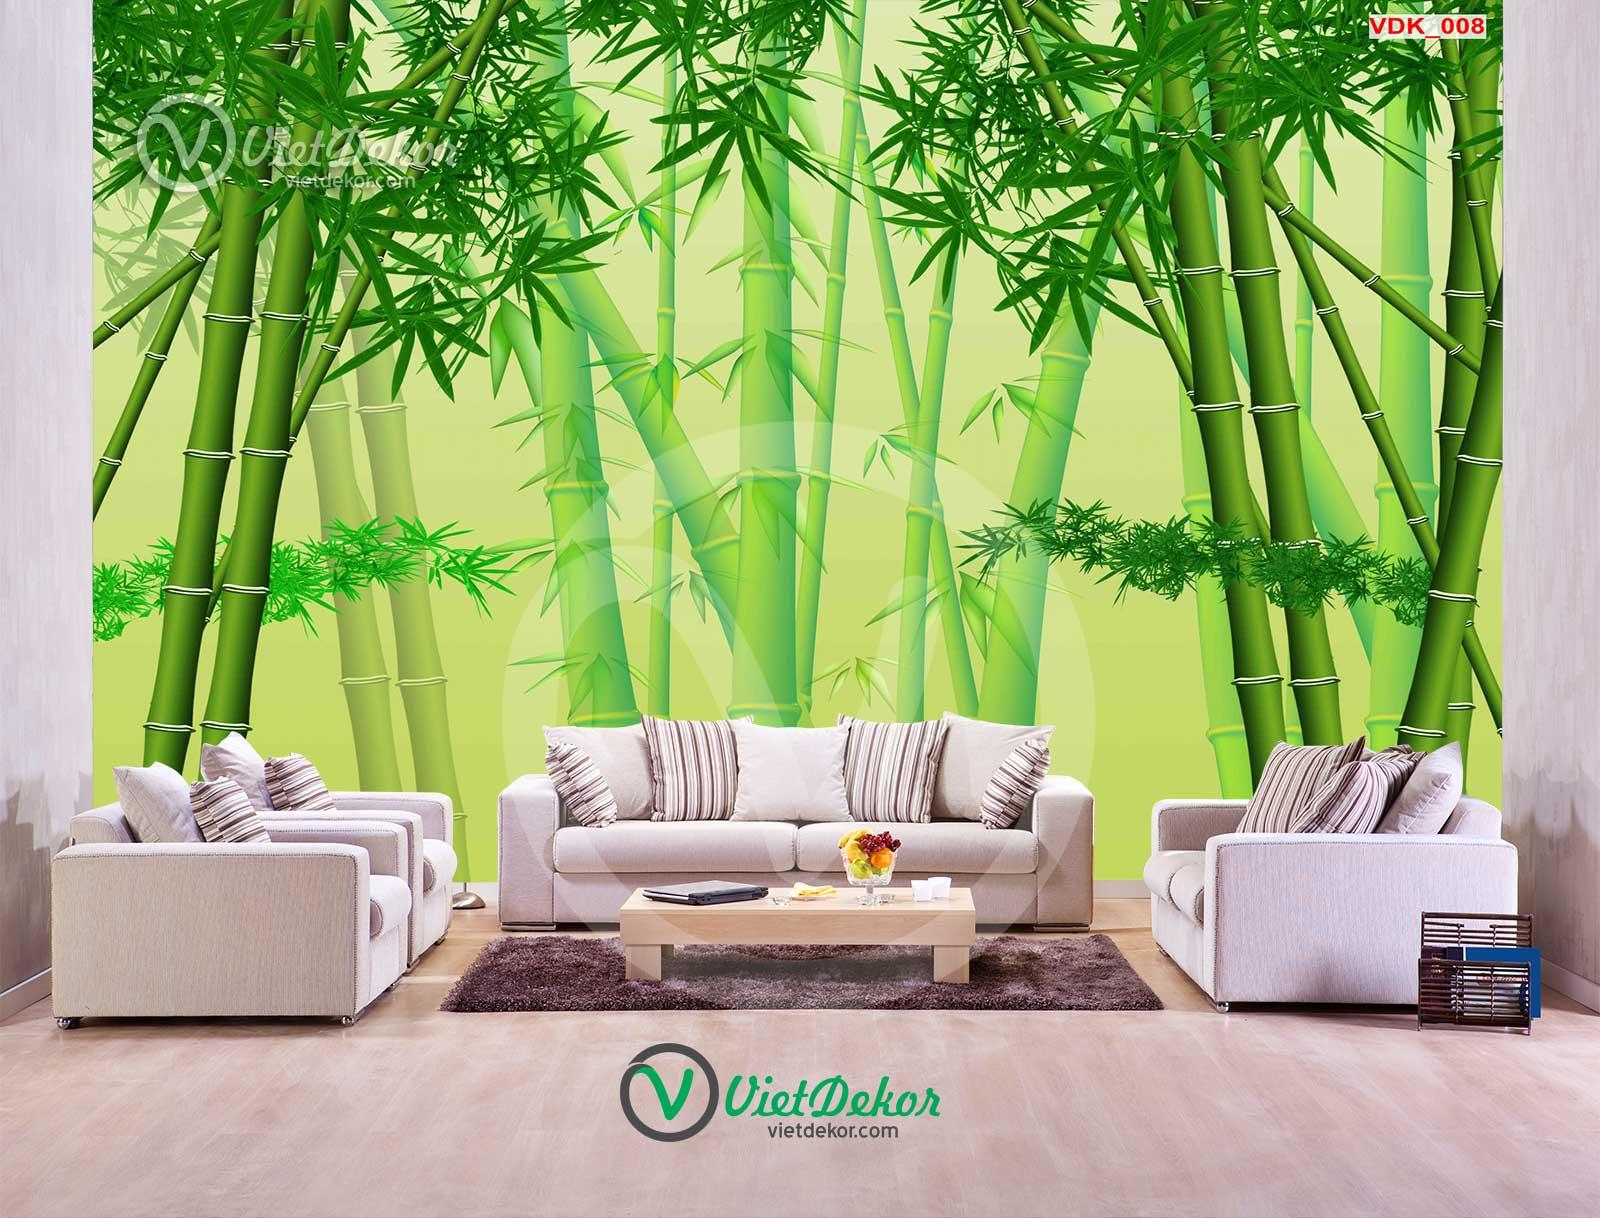 Tranh 3d phong cảnh rừng trúc